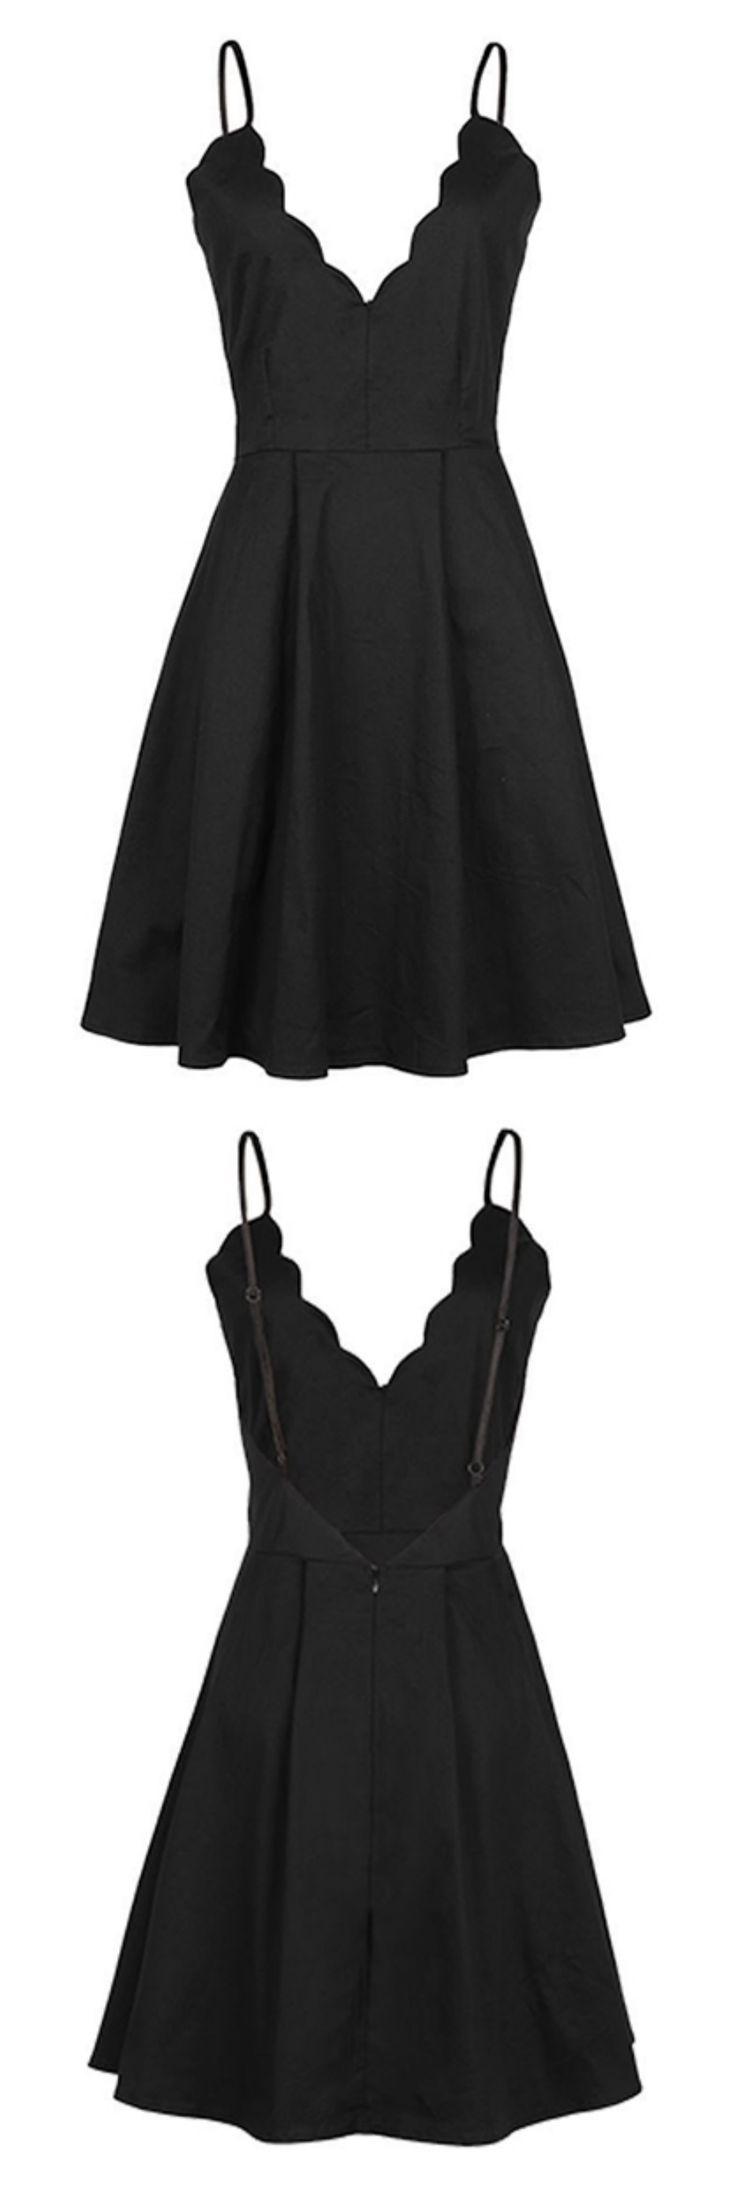 Best 10+ Short black prom dresses ideas on Pinterest | Short black ...